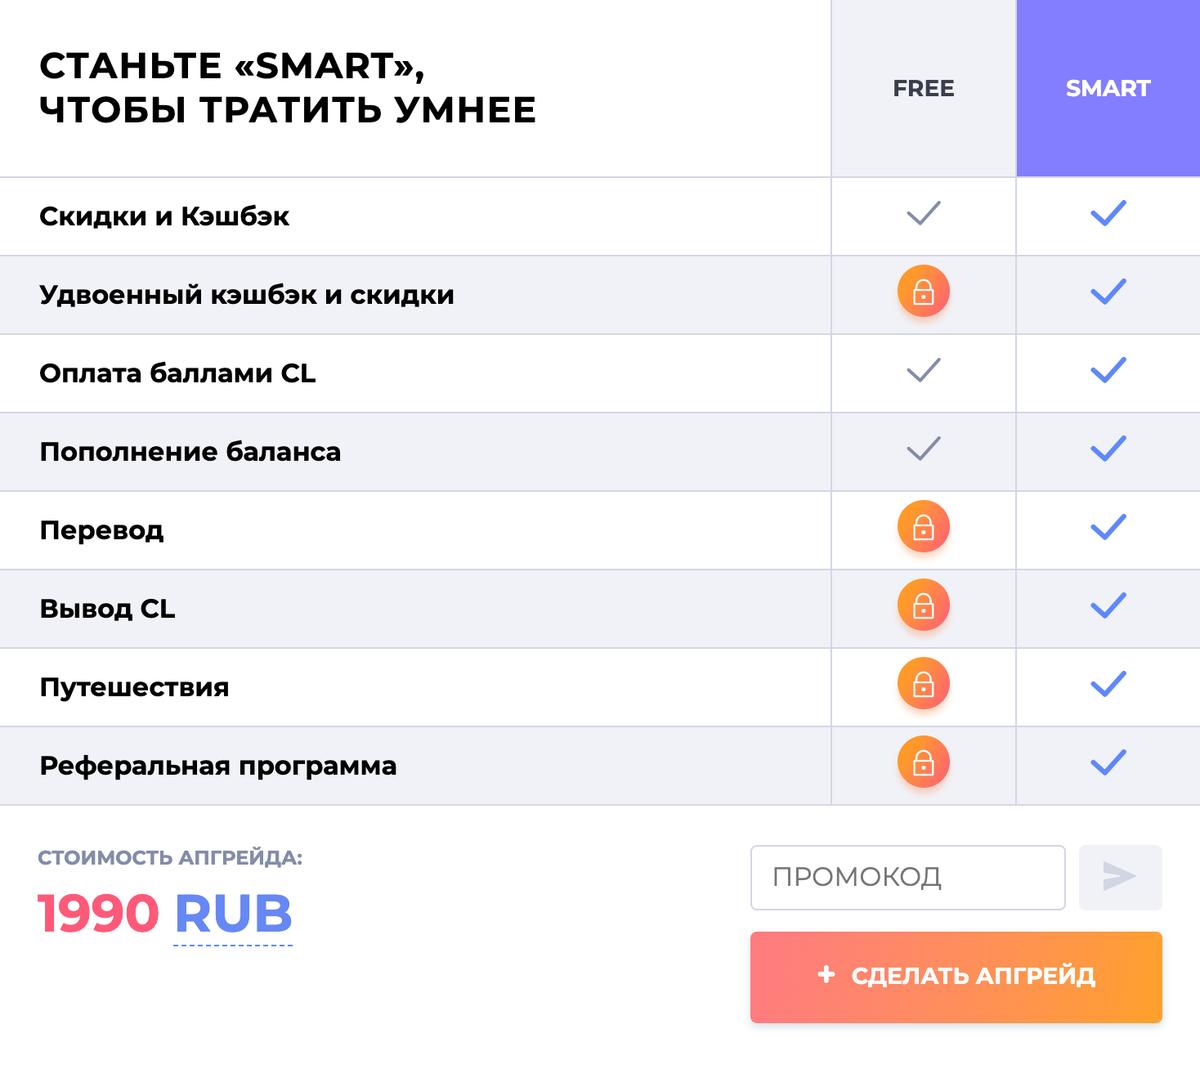 Бесплатный тариф предполагает накопление баллов «Ситилайфа», но для&nbsp;их вывода придется купить платный за 1990<span class=ruble>Р</span> в месяц